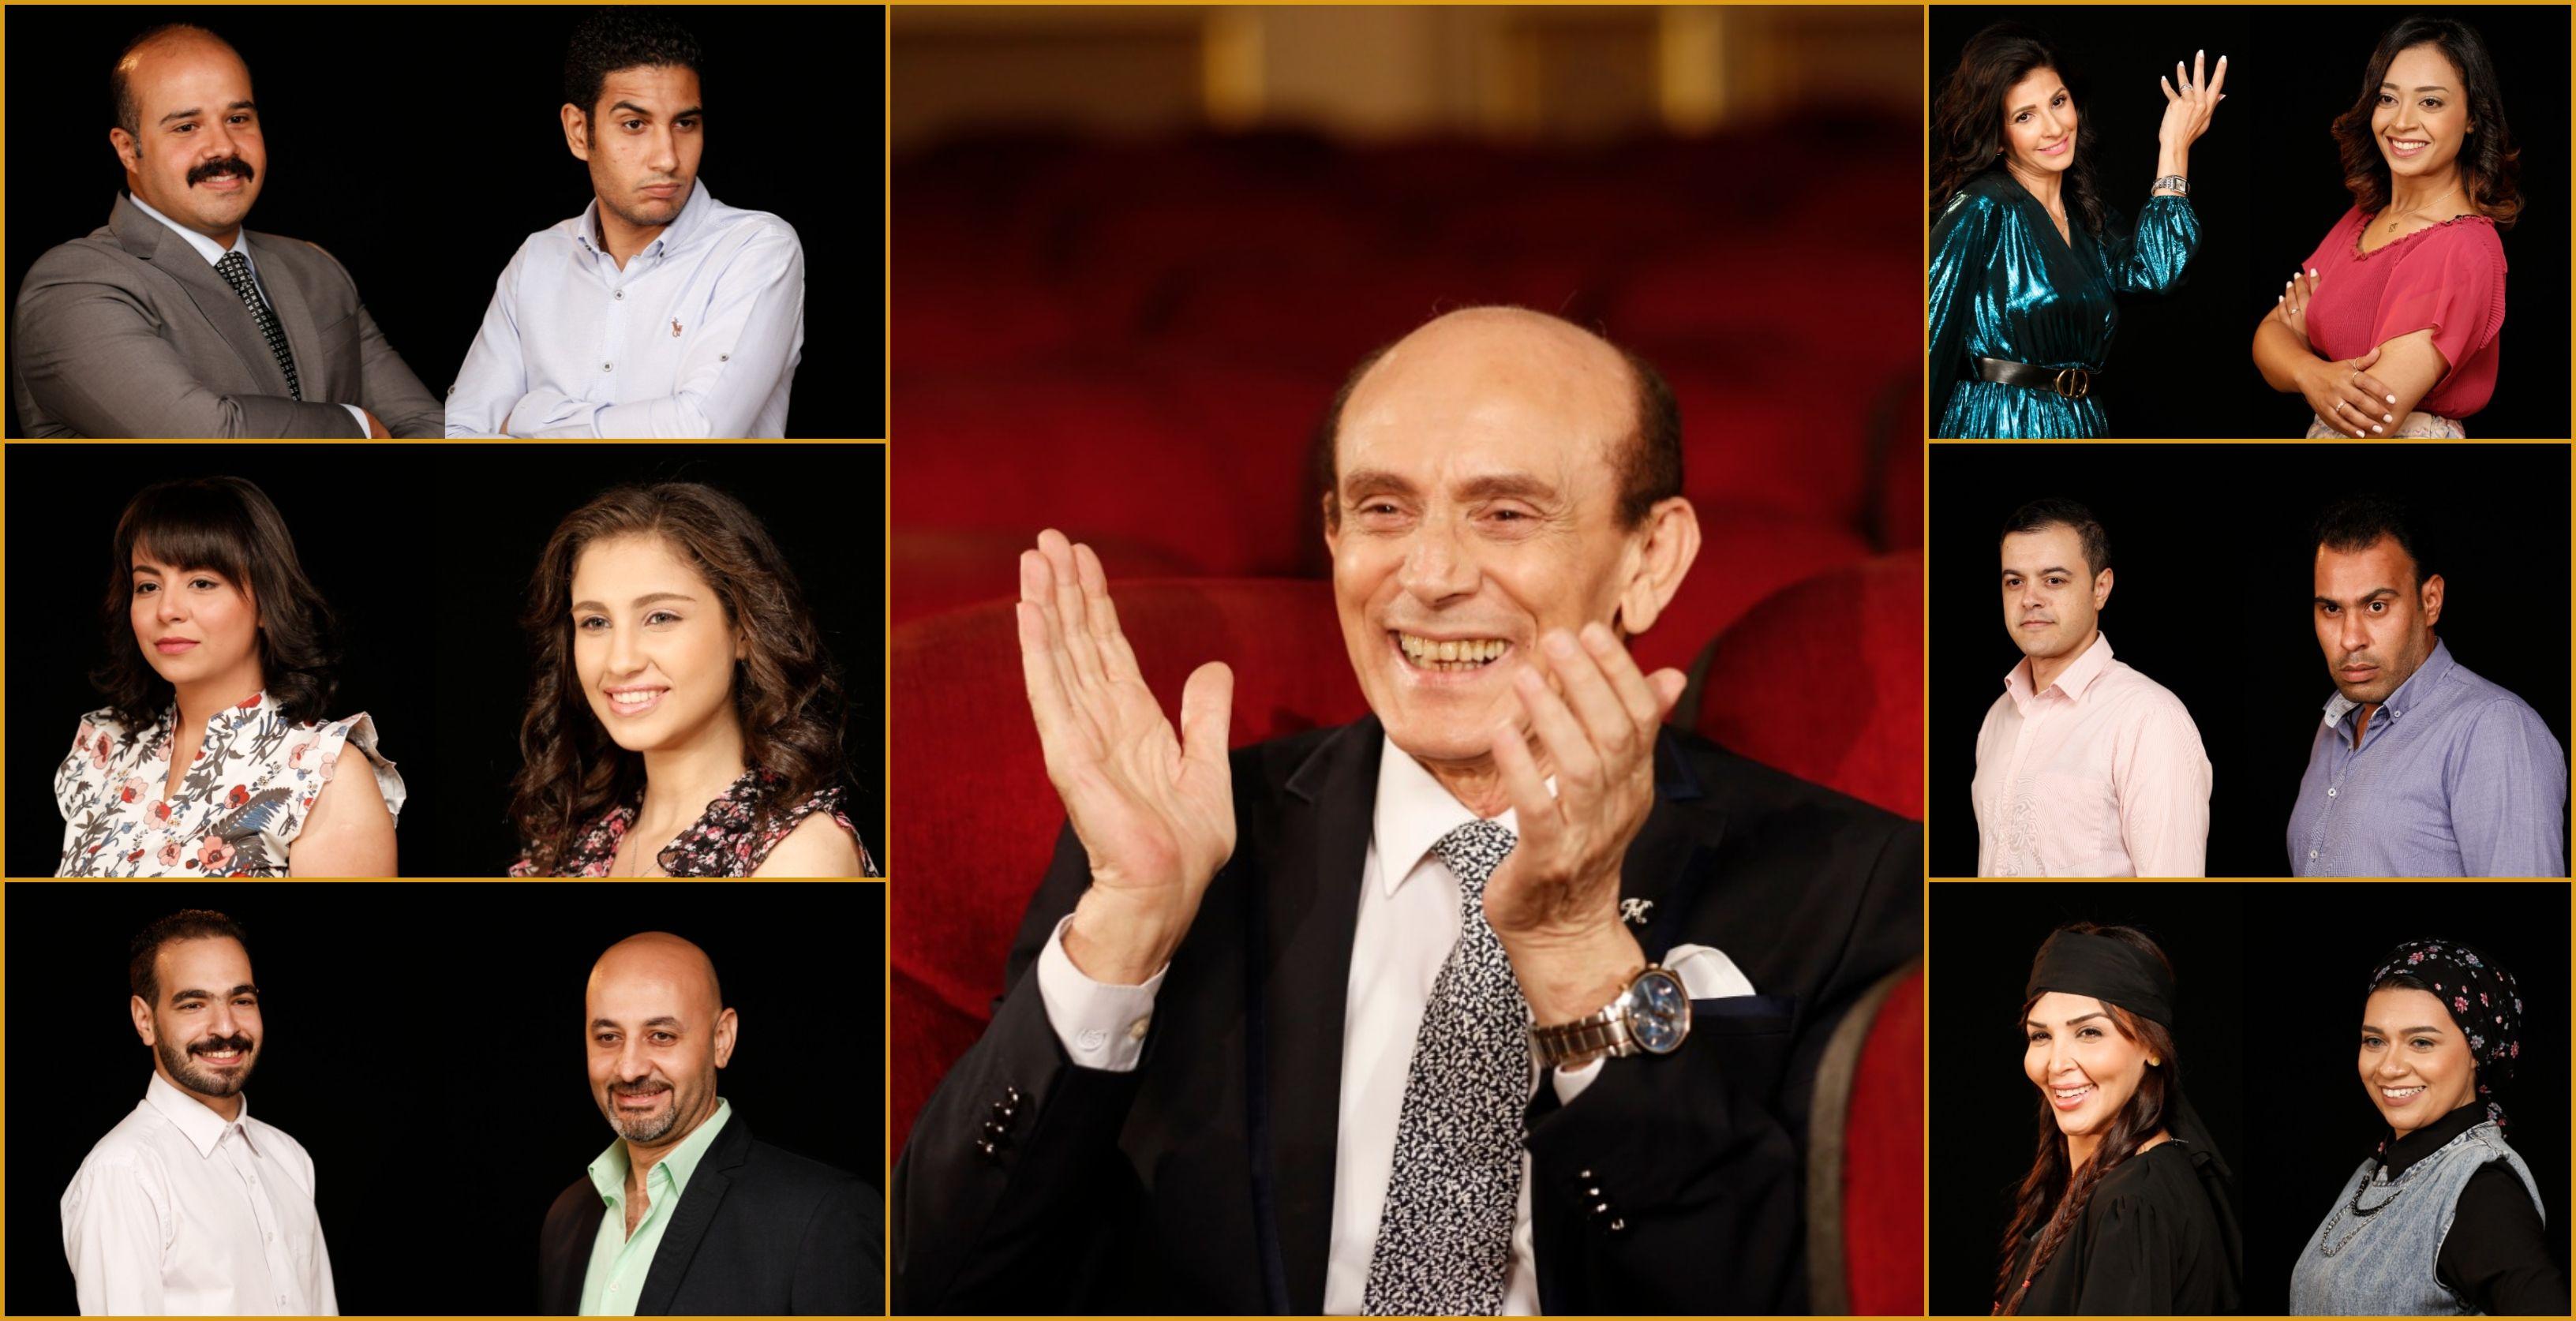 محمد صبحي يقدم 12 نجما في مسرحيته الجديدة